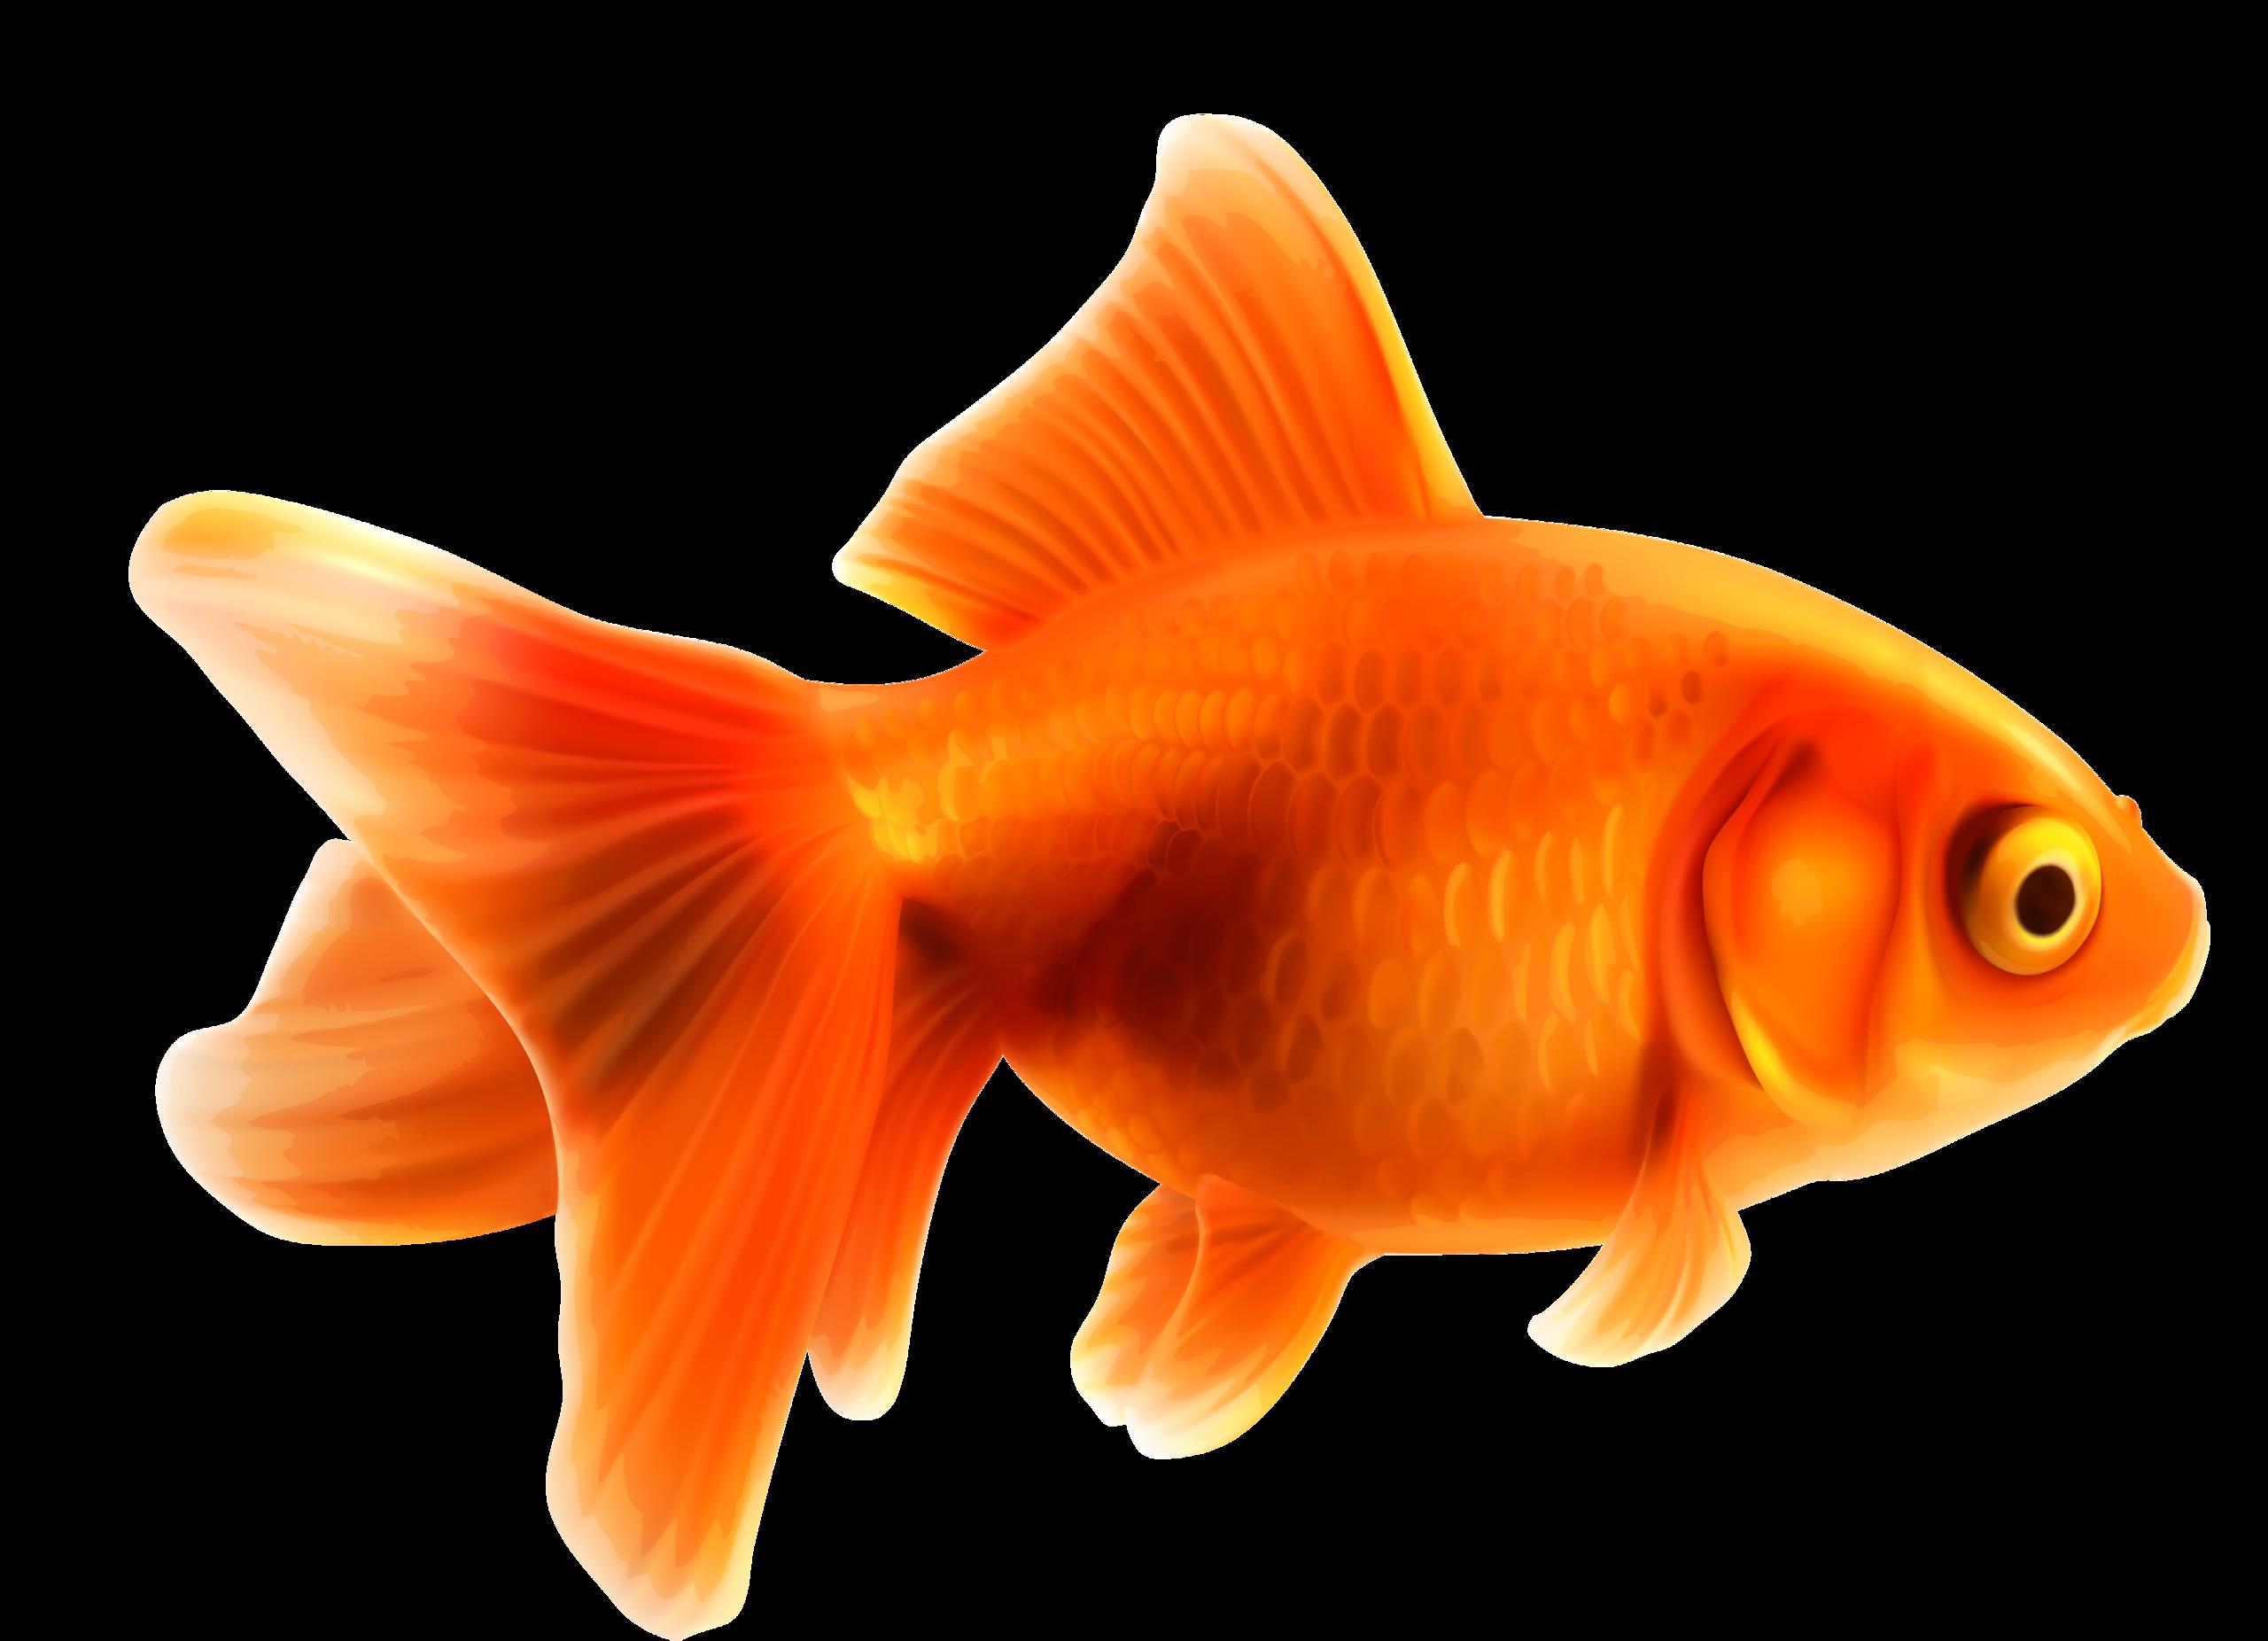 png pinterest party. Goldfish clipart part